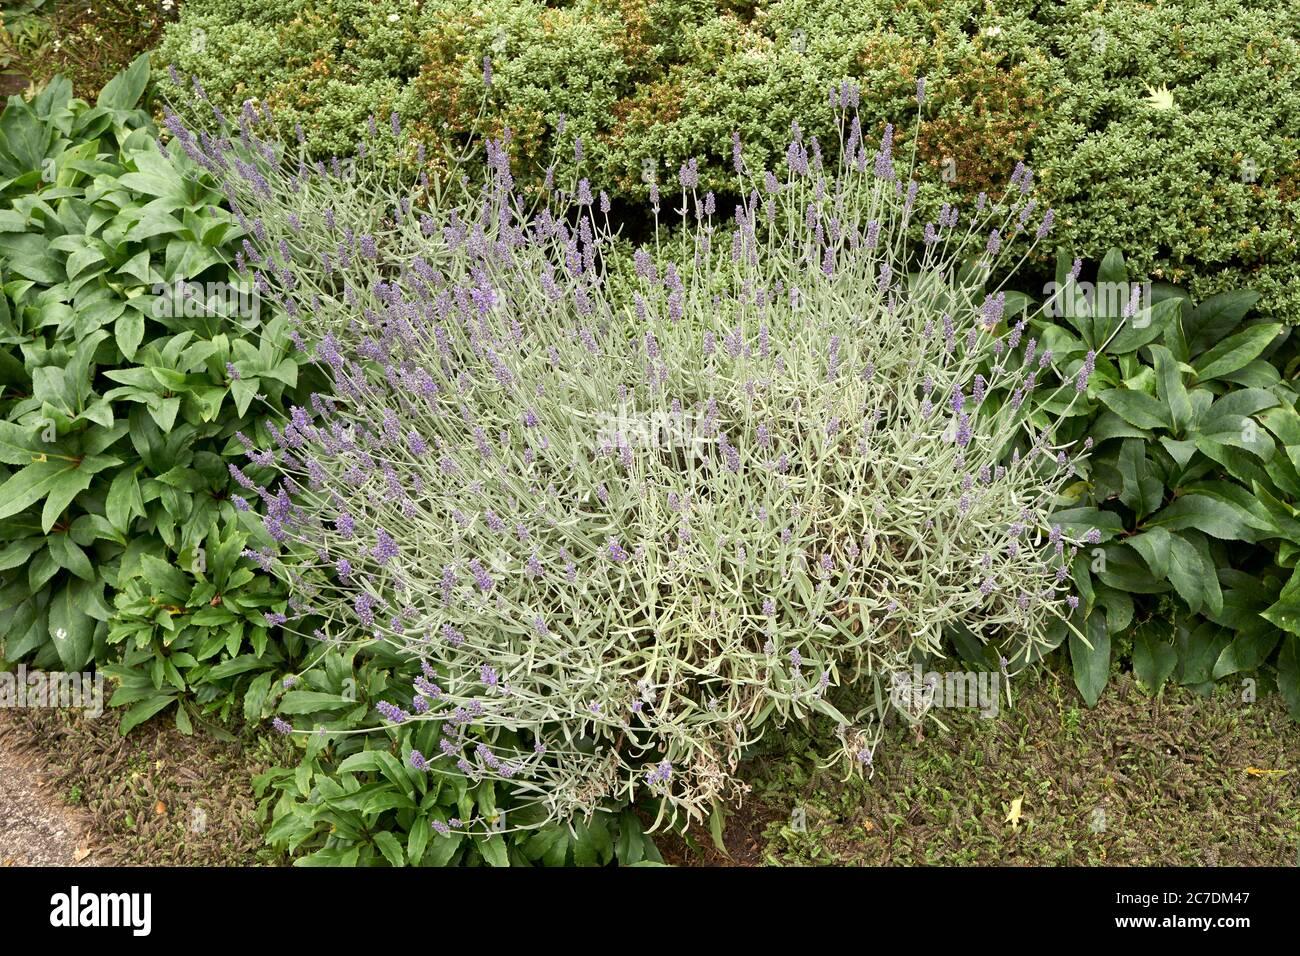 flowering-plant-2C7DM47.jpg